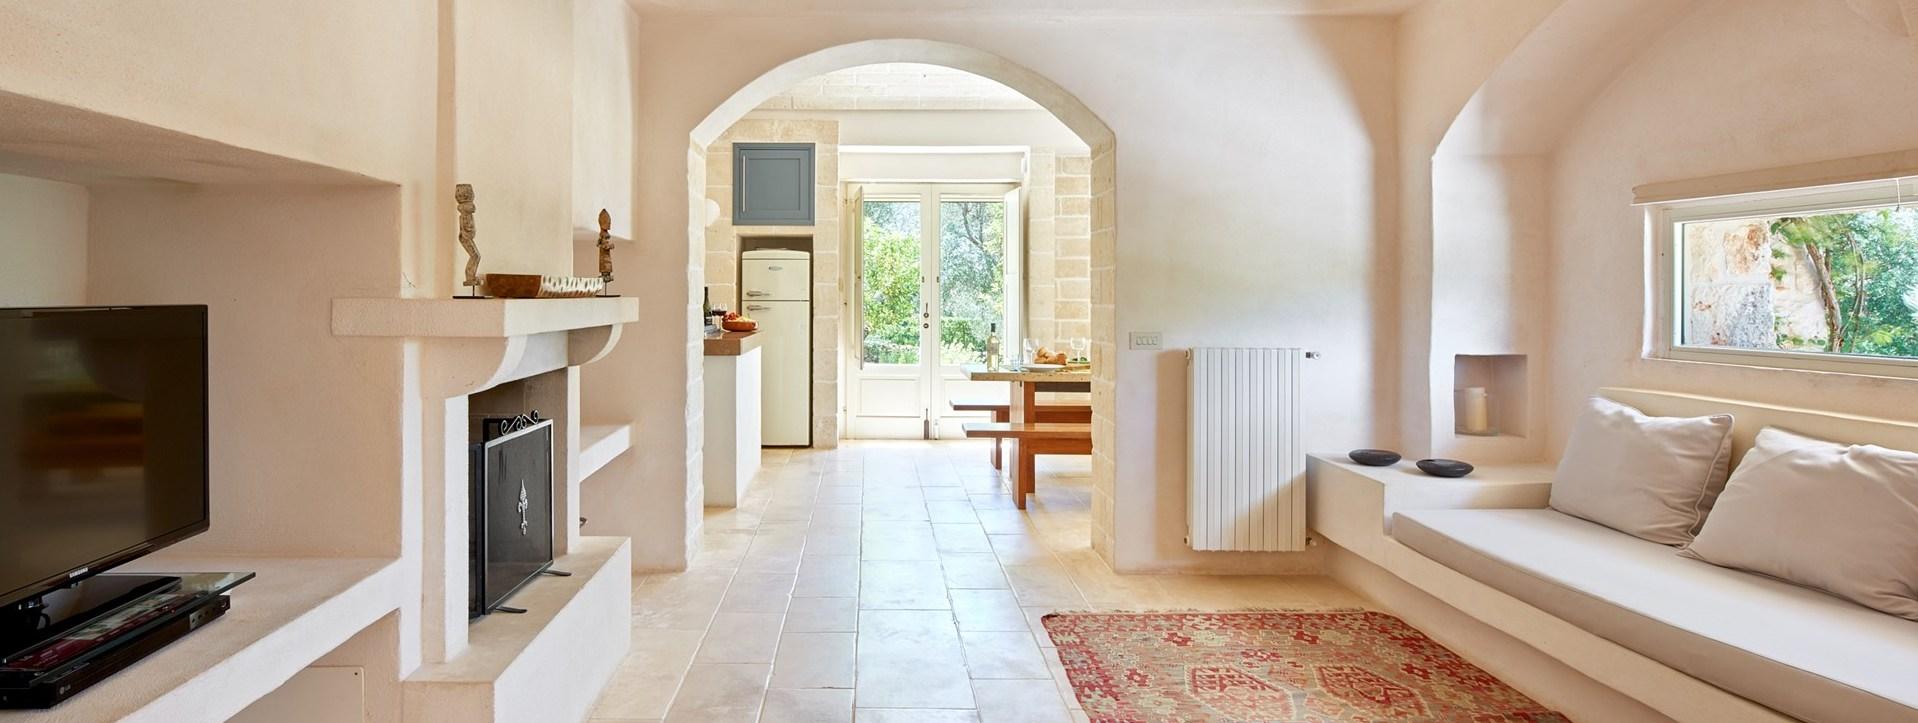 la-moresca-contemporary-interior